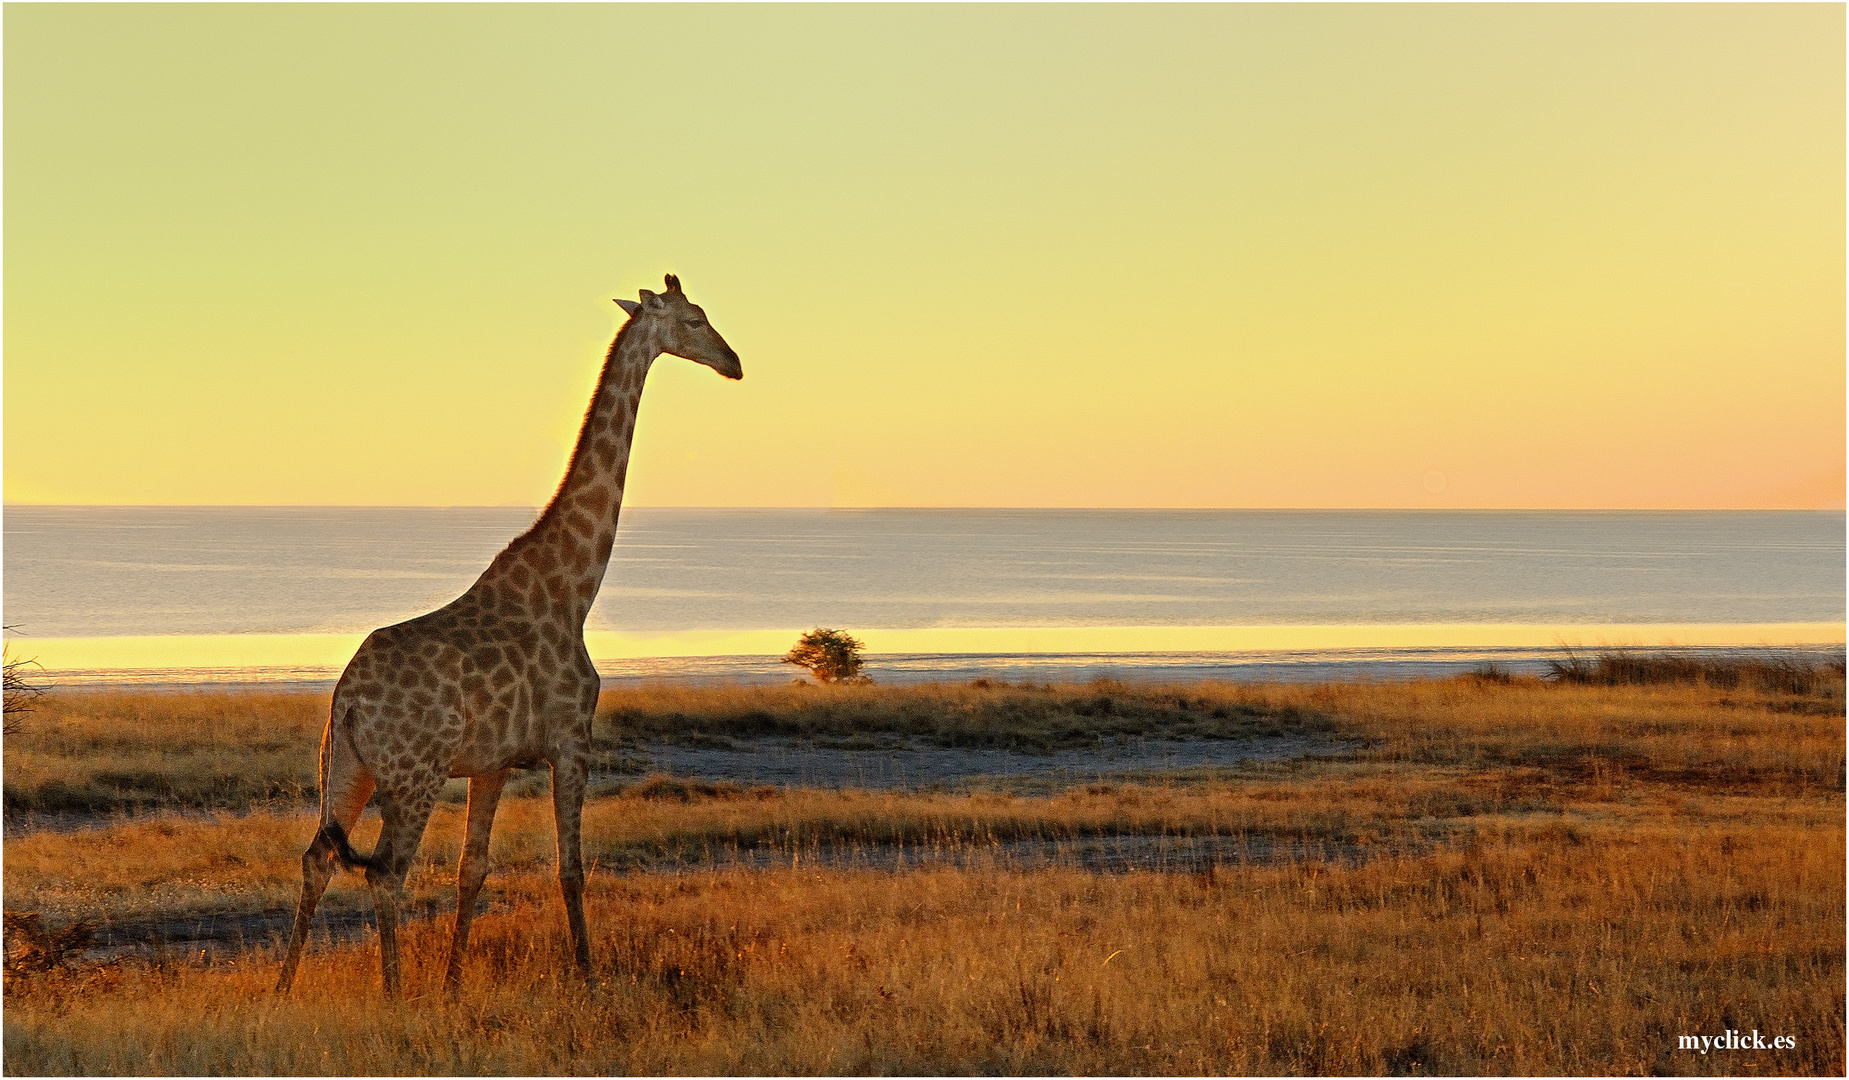 MEMORIAS DE AFRICA-JIRAFA  AL ATARDECER-PN ETOSHA-NAMIBIA